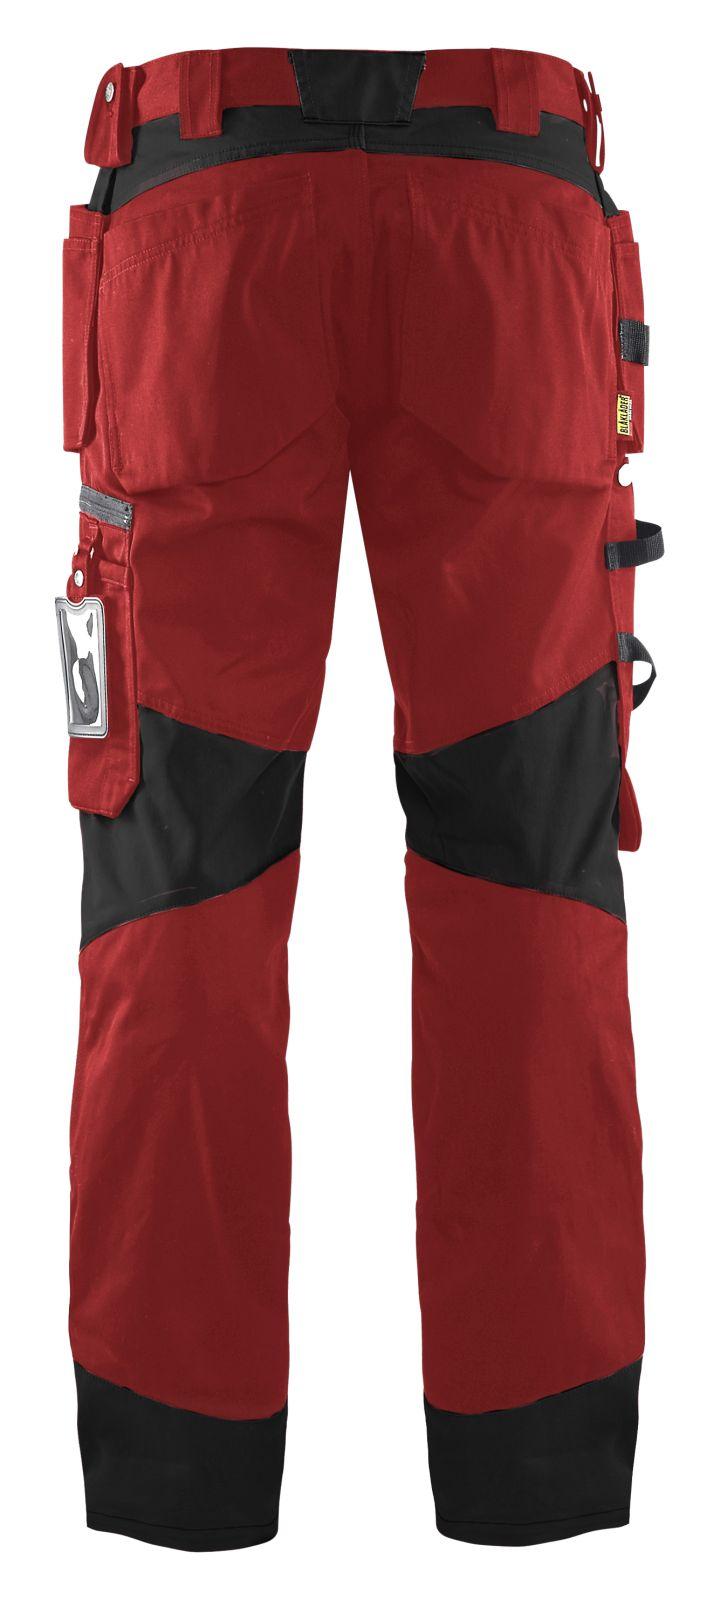 Blaklader Werkbroeken 15551860 rood-zwart(5699)